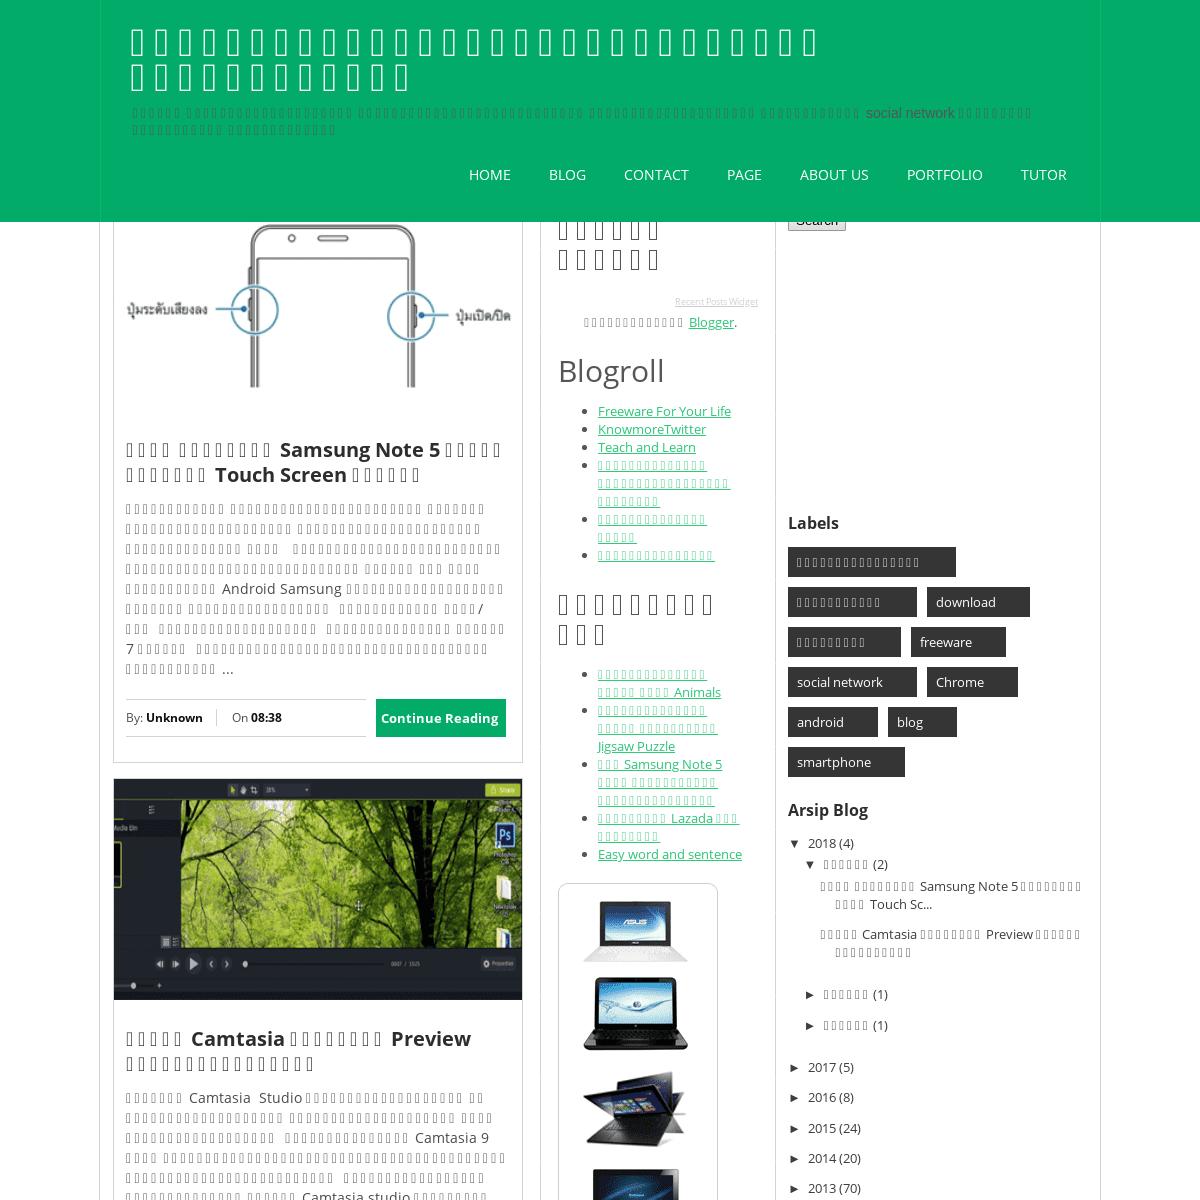 เทคนิคการใช้งานคอมพิวเตอร์และอินเตอร์เน็ต